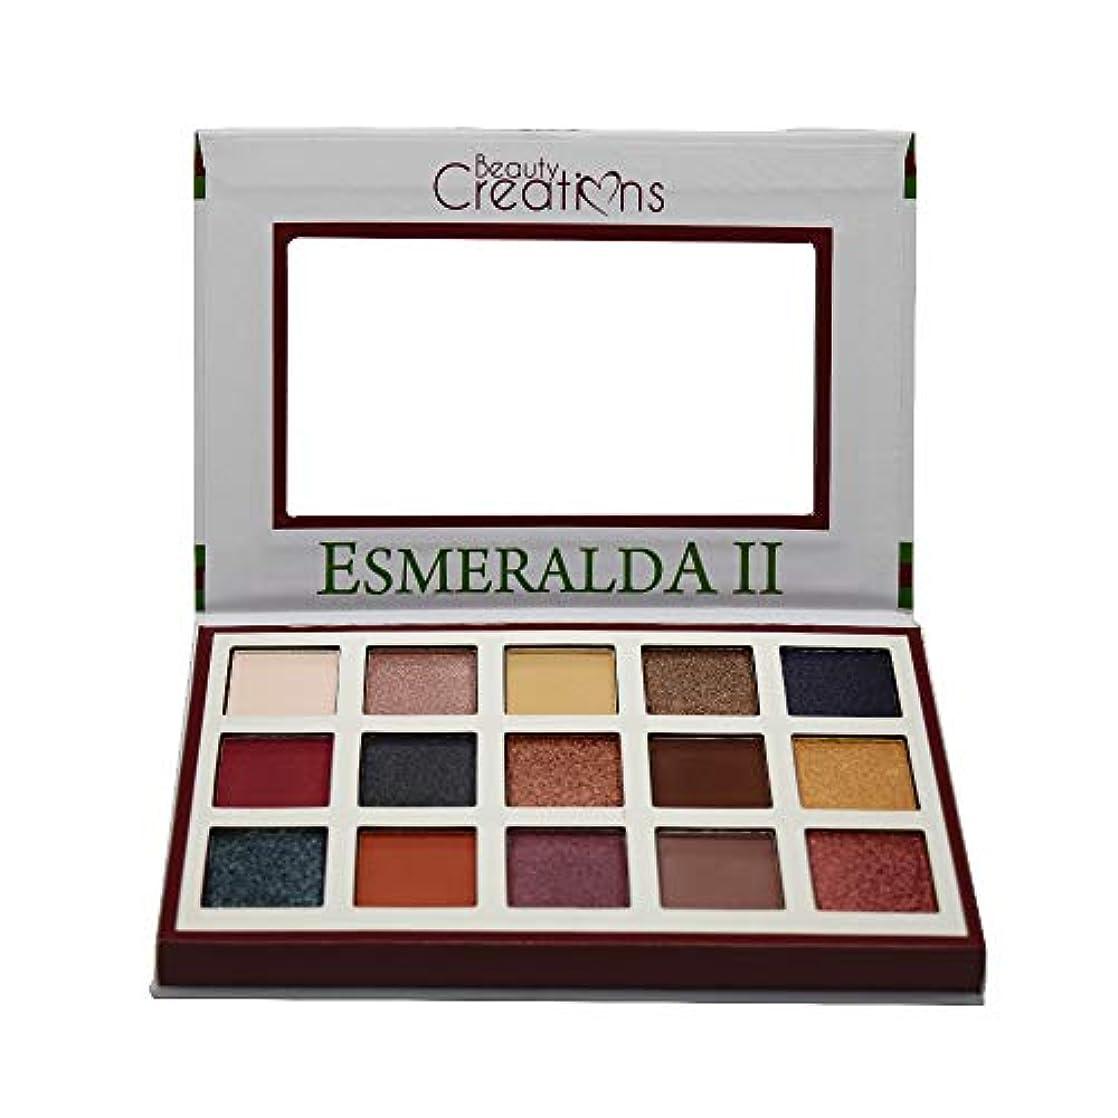 窓意味奴隷BEAUTY CREATIONS Esmeralda II 15 Color Eyeshadow Palette (並行輸入品)